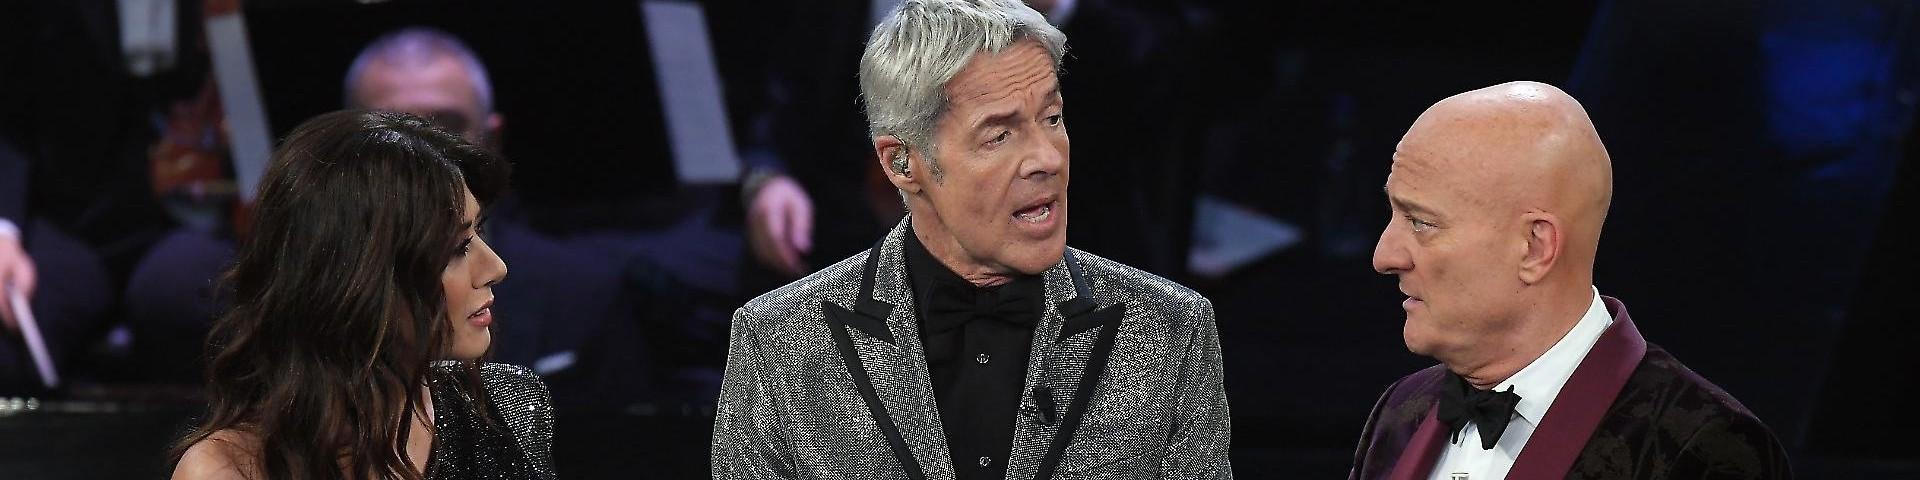 Sanremo 2019: tutti i vincitori